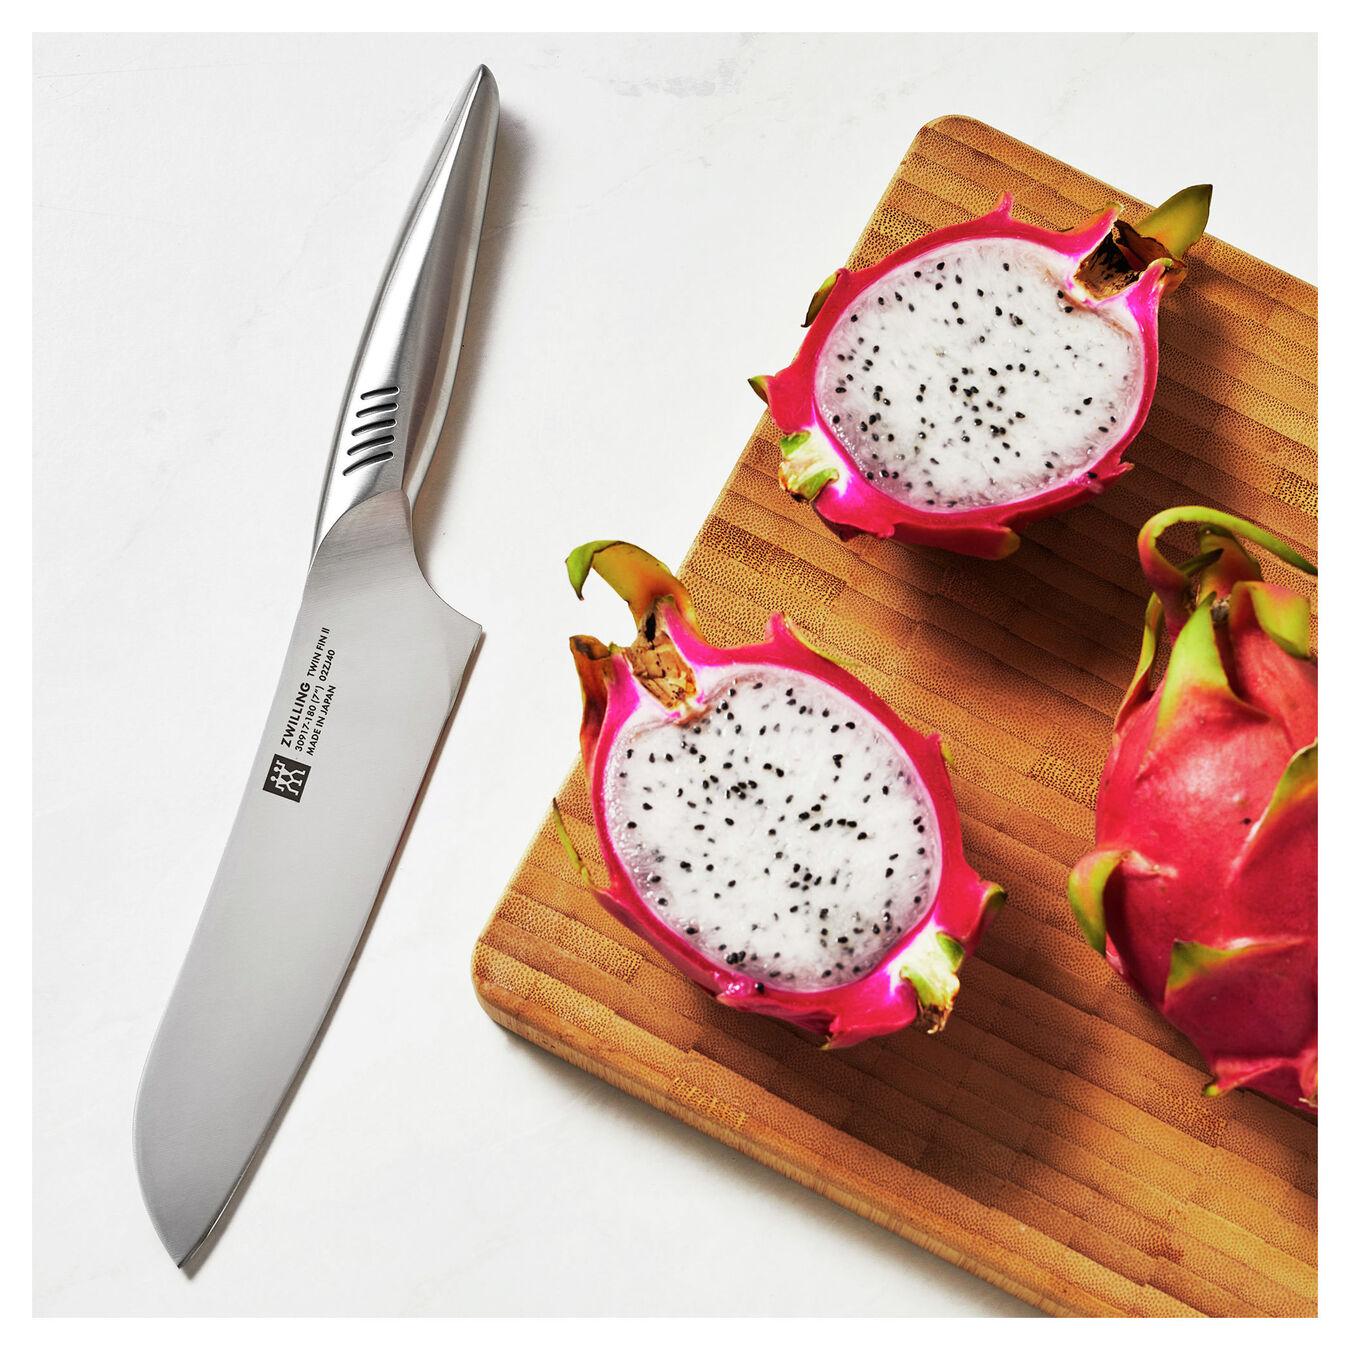 Santoku Bıçağı | Pürüzsüz kenar | 18 cm,,large 3